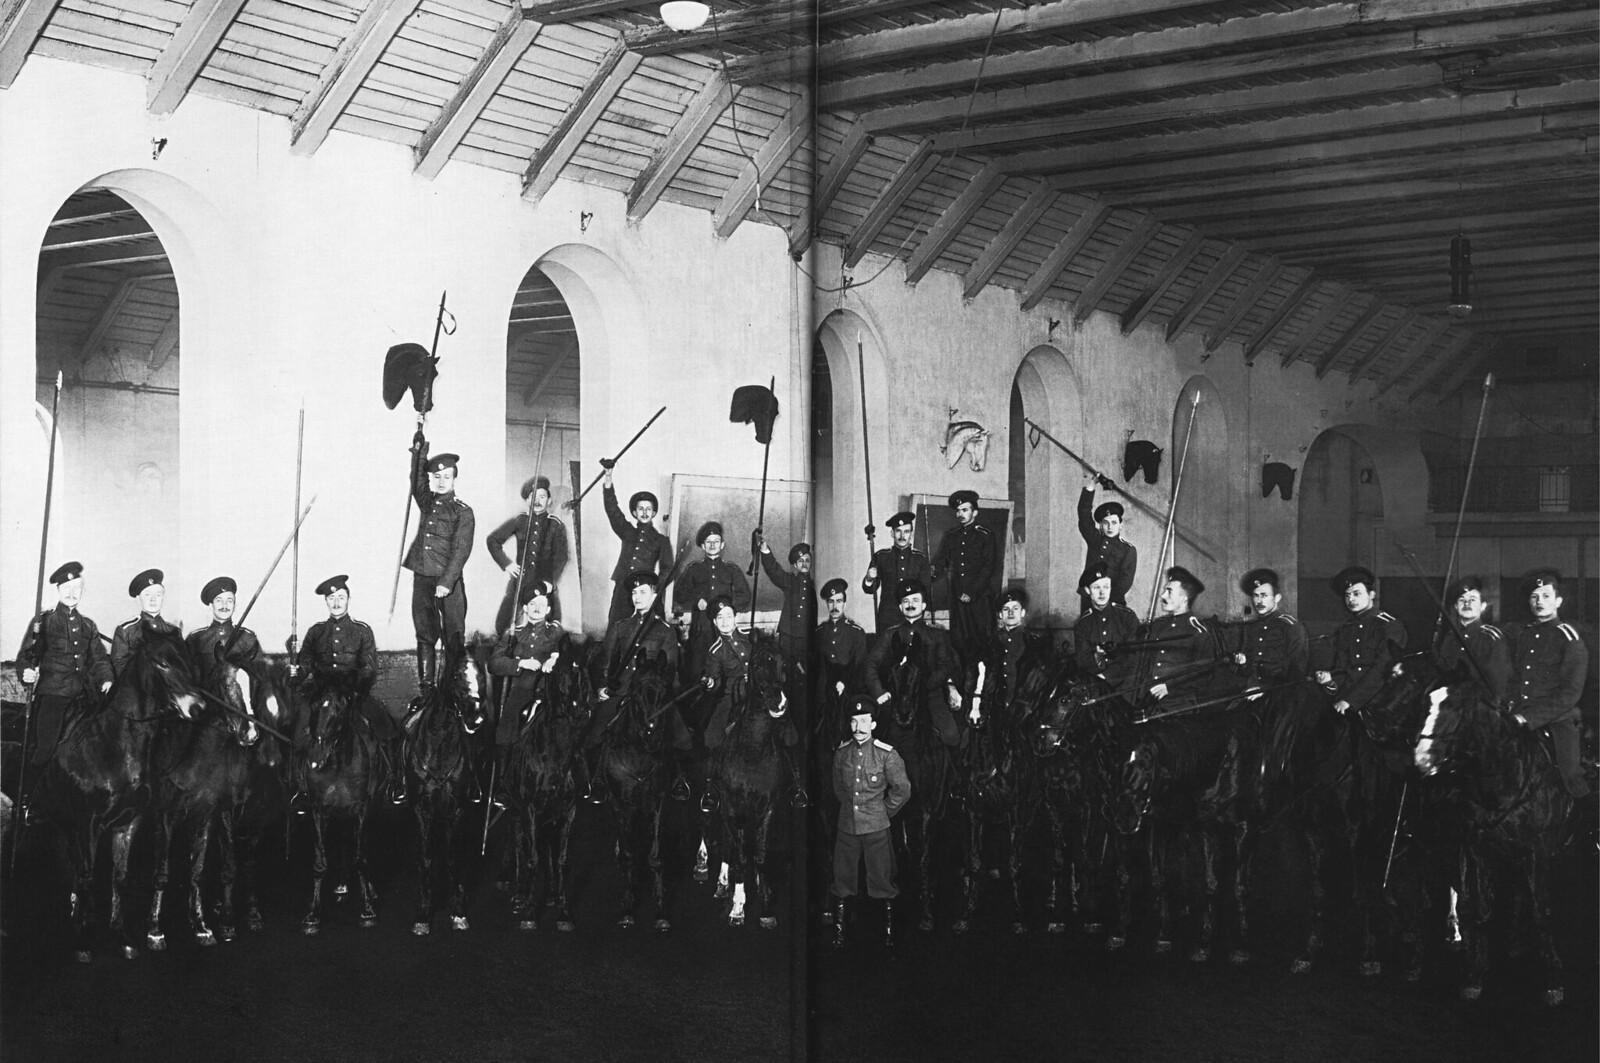 1913. Группа юнкеров казачей сотни Николаевского кавалерийского училища на манеже